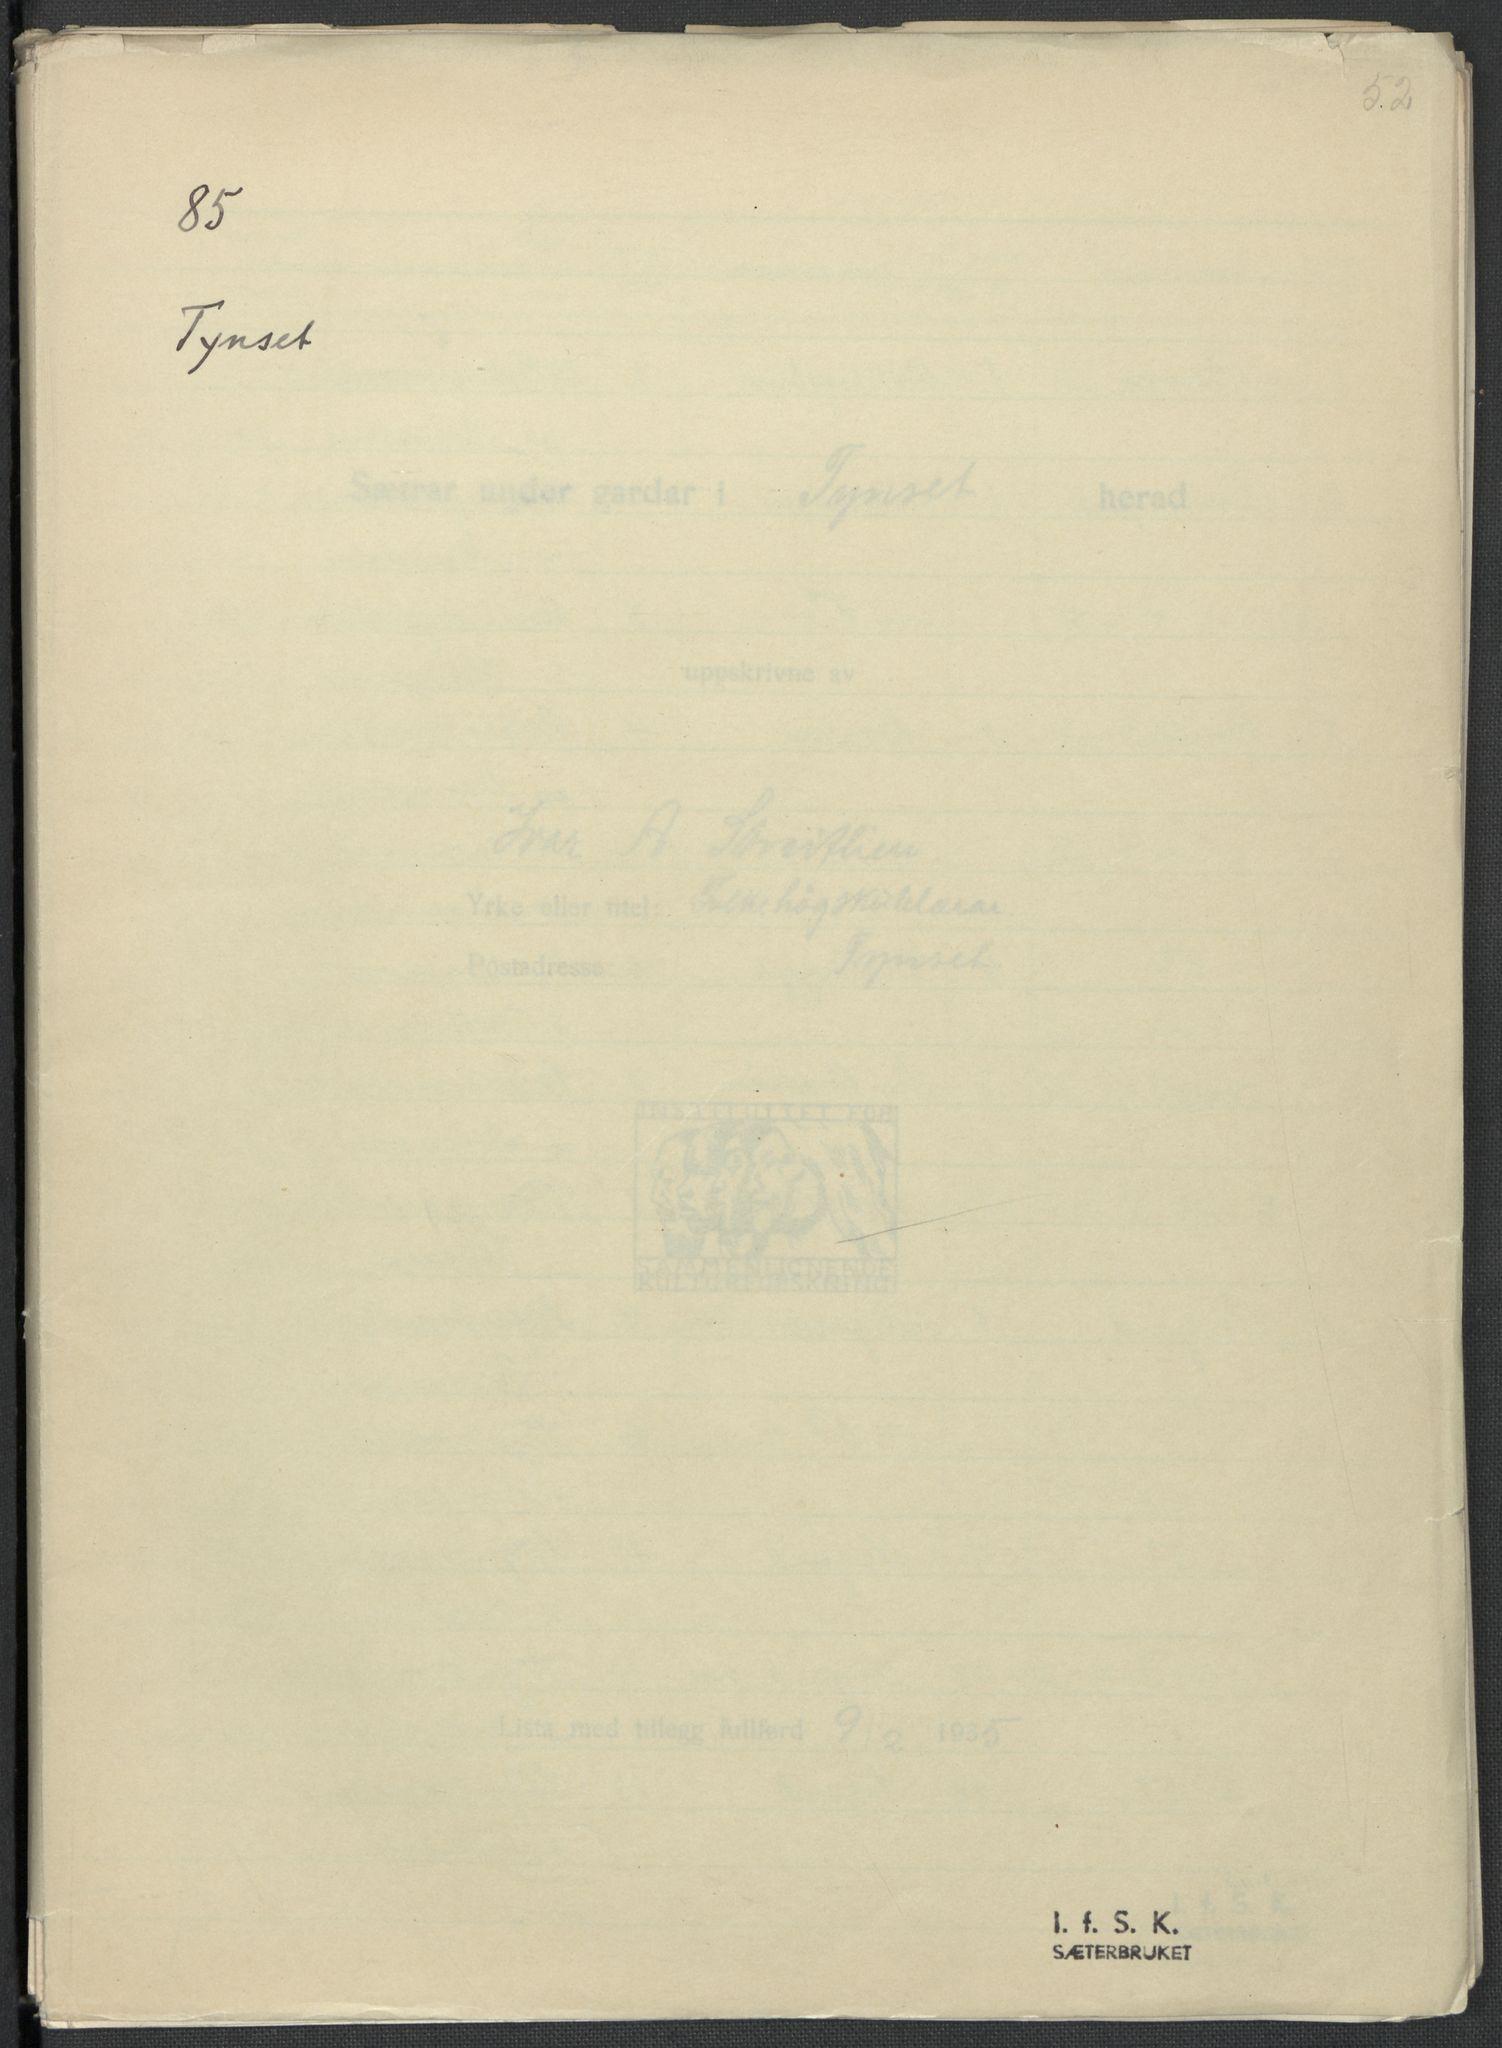 RA, Instituttet for sammenlignende kulturforskning, F/Fc/L0003: Eske B3:, 1933-1939, s. 52